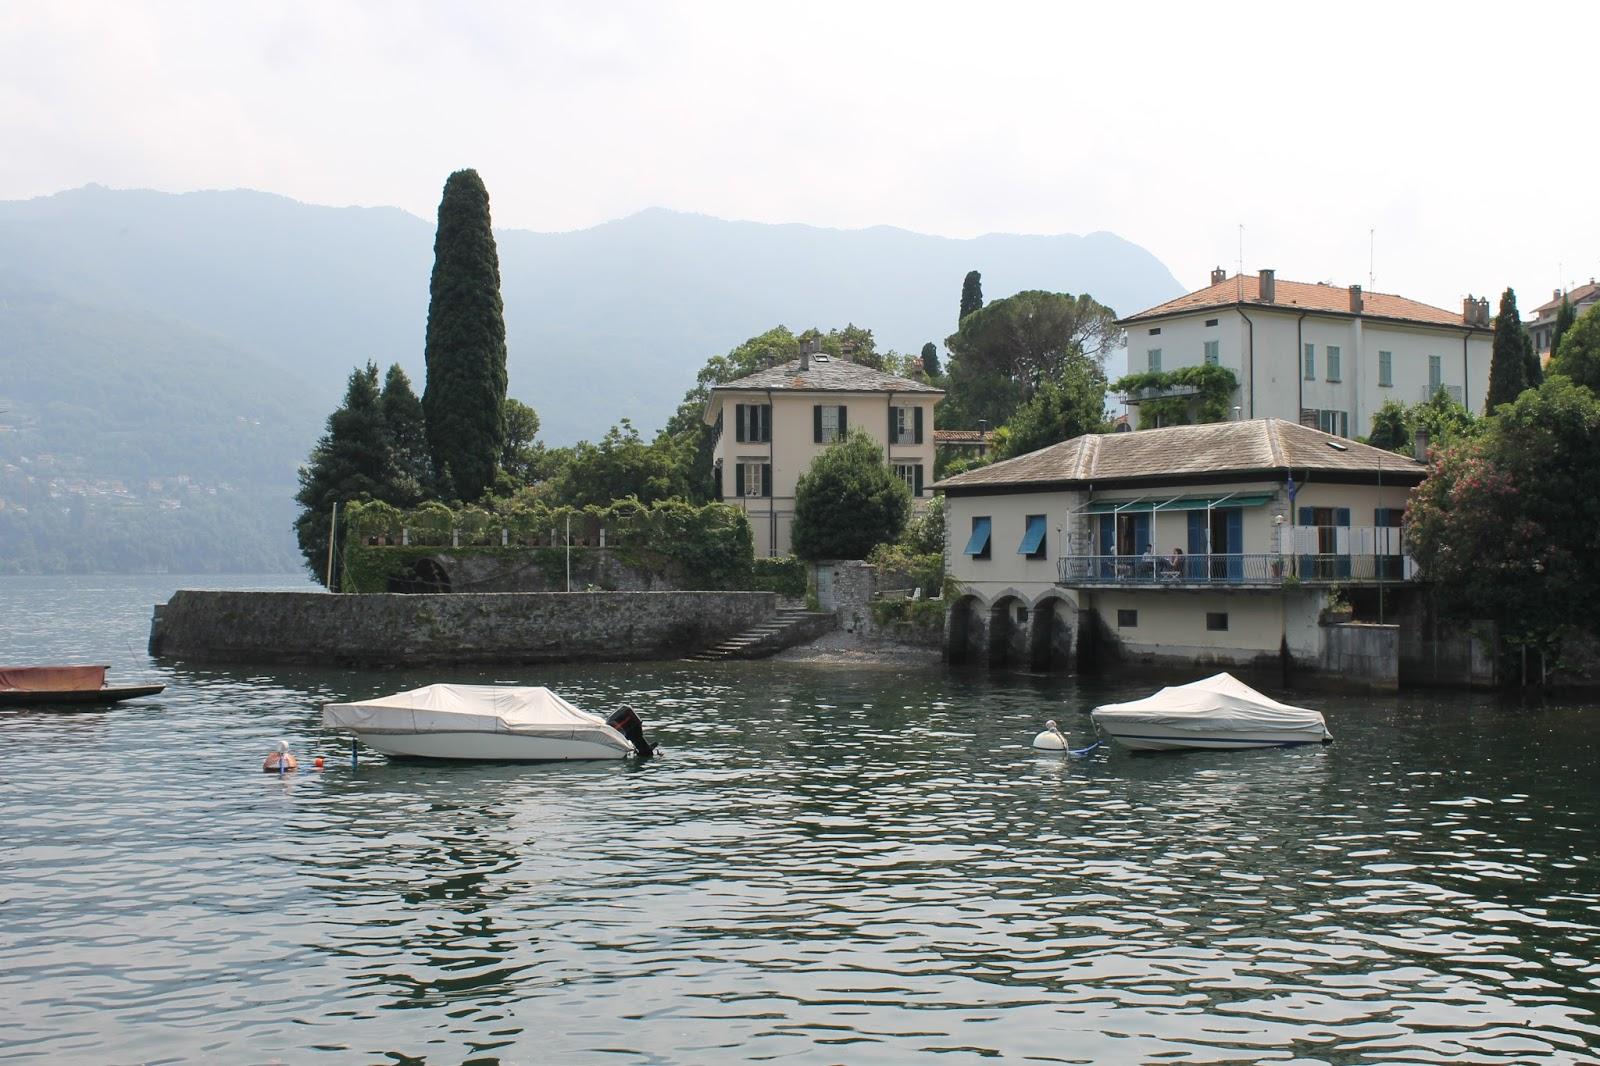 George Clooney (Vila Oleandra, Itali)